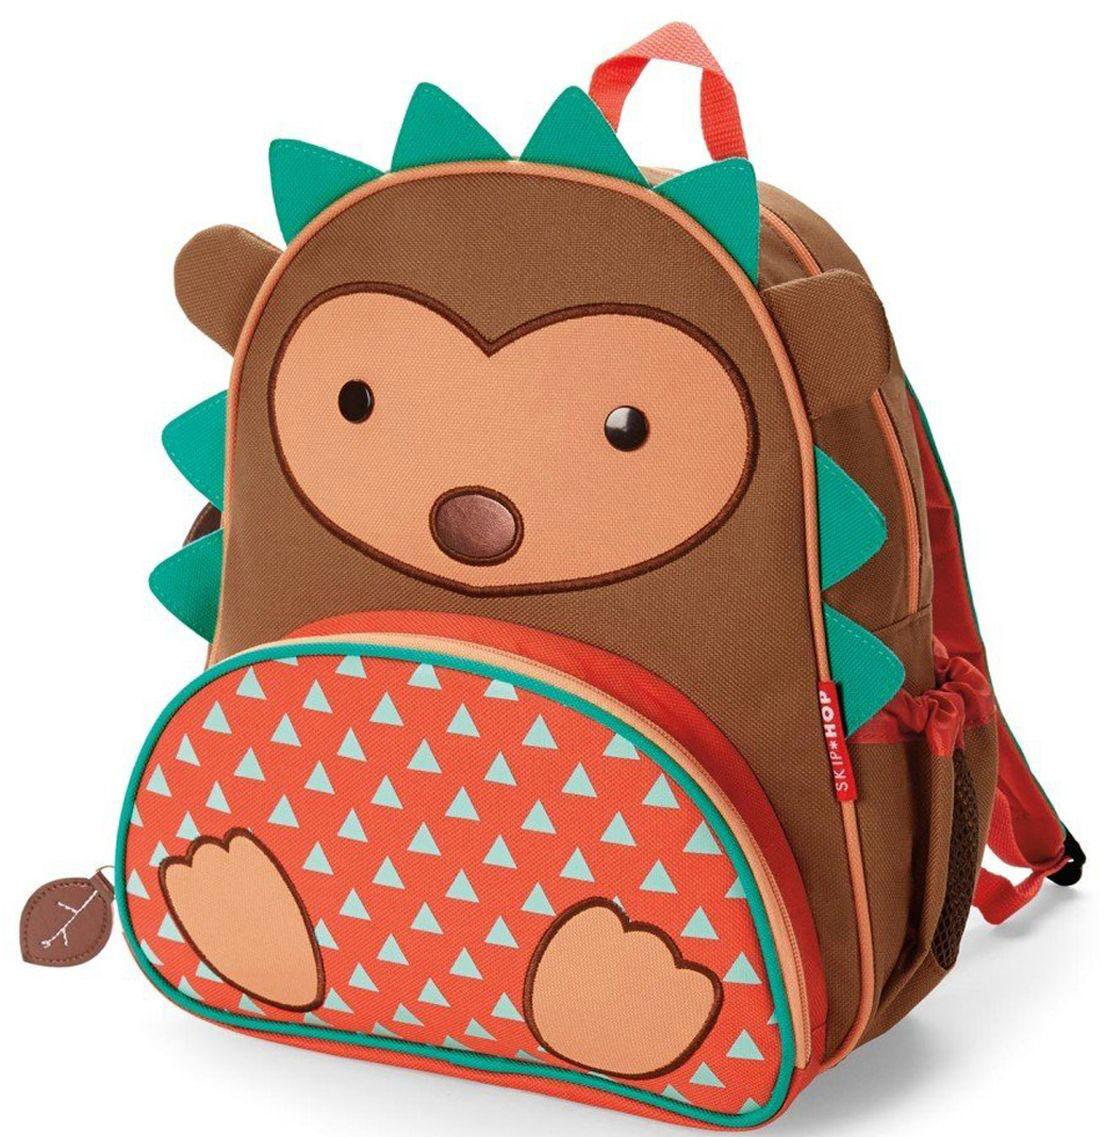 SkipHop Рюкзак дошкольный Ежик72523WDРюкзачок Skip Hop Zoo Pack каждый день будет радовать вашего малыша, вызывать улыбки у прохожих и зависть у сверстников. С ним можно ходить в детский сад, спортивные секции, на прогулку, в гости к бабушке или ездить на экскурсии. В основной отсек легко поместится книжка, альбом для рисования, краски, фломастеры, любимая игрушка и контейнер с едой, а специальный кармашек сбоку предназначен специально для бутылочки с водой. Передний кармашек на молнии предназначен для мелких вещичек. Внутренний кармашек на резиночке зафиксирует положение содержимого: не даст выпасть фломастерам или сломаться киндер-сюрпризу. Рюкзачок выполнен из прочной ткани, способной выдерживать бесконечное количество стирок в машинке. Лямки рюкзачка мягкие, регулируемые. • Размер: 11 x 25 х 29 см. • Для детей с 3 лет.